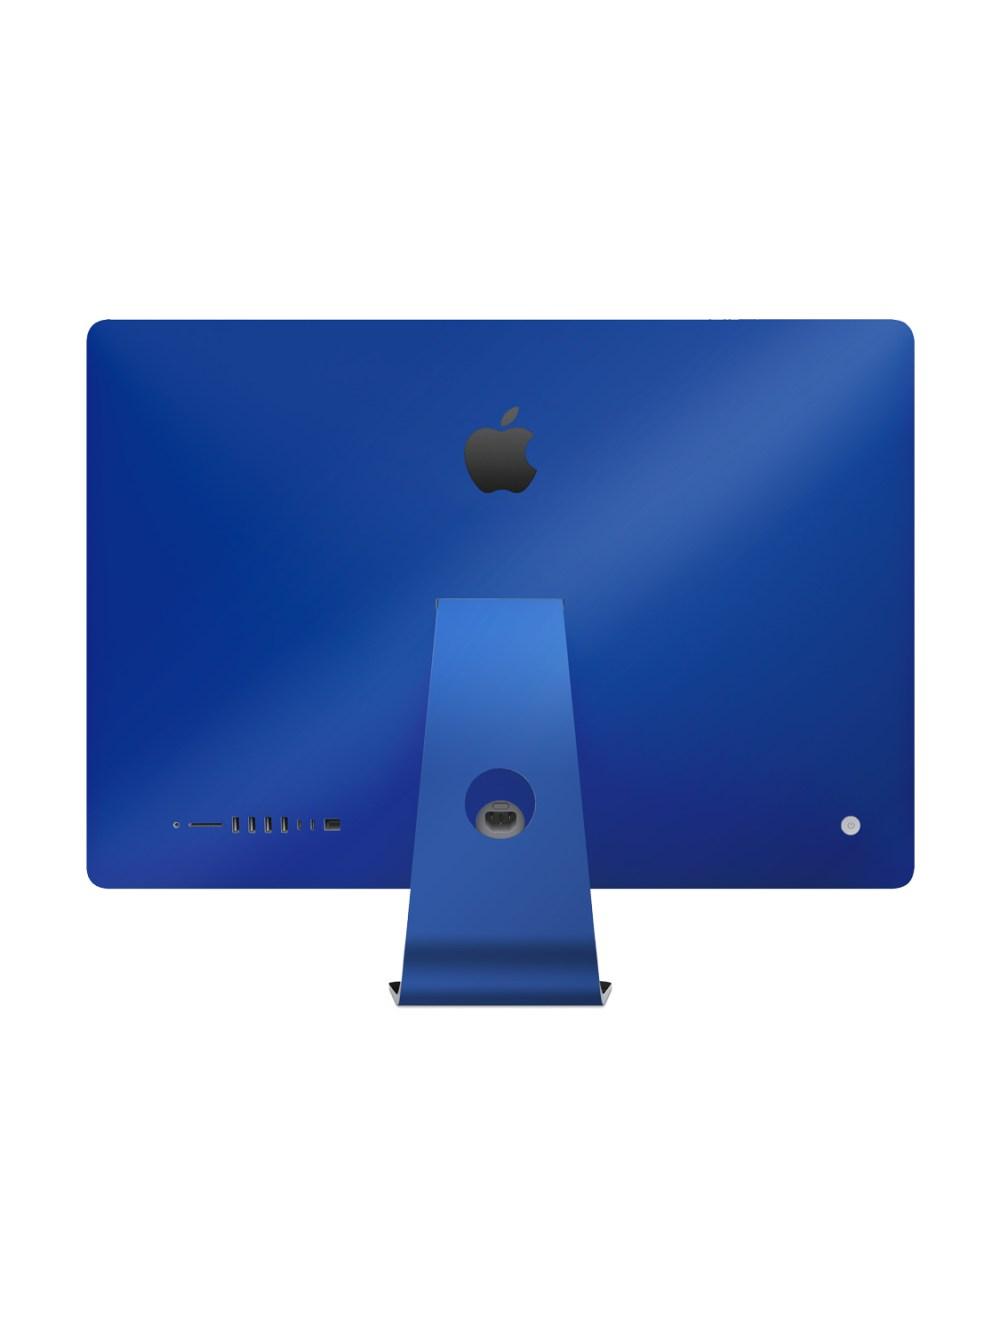 Gloss Royal Blue Skin for Apple iMac 27-inch